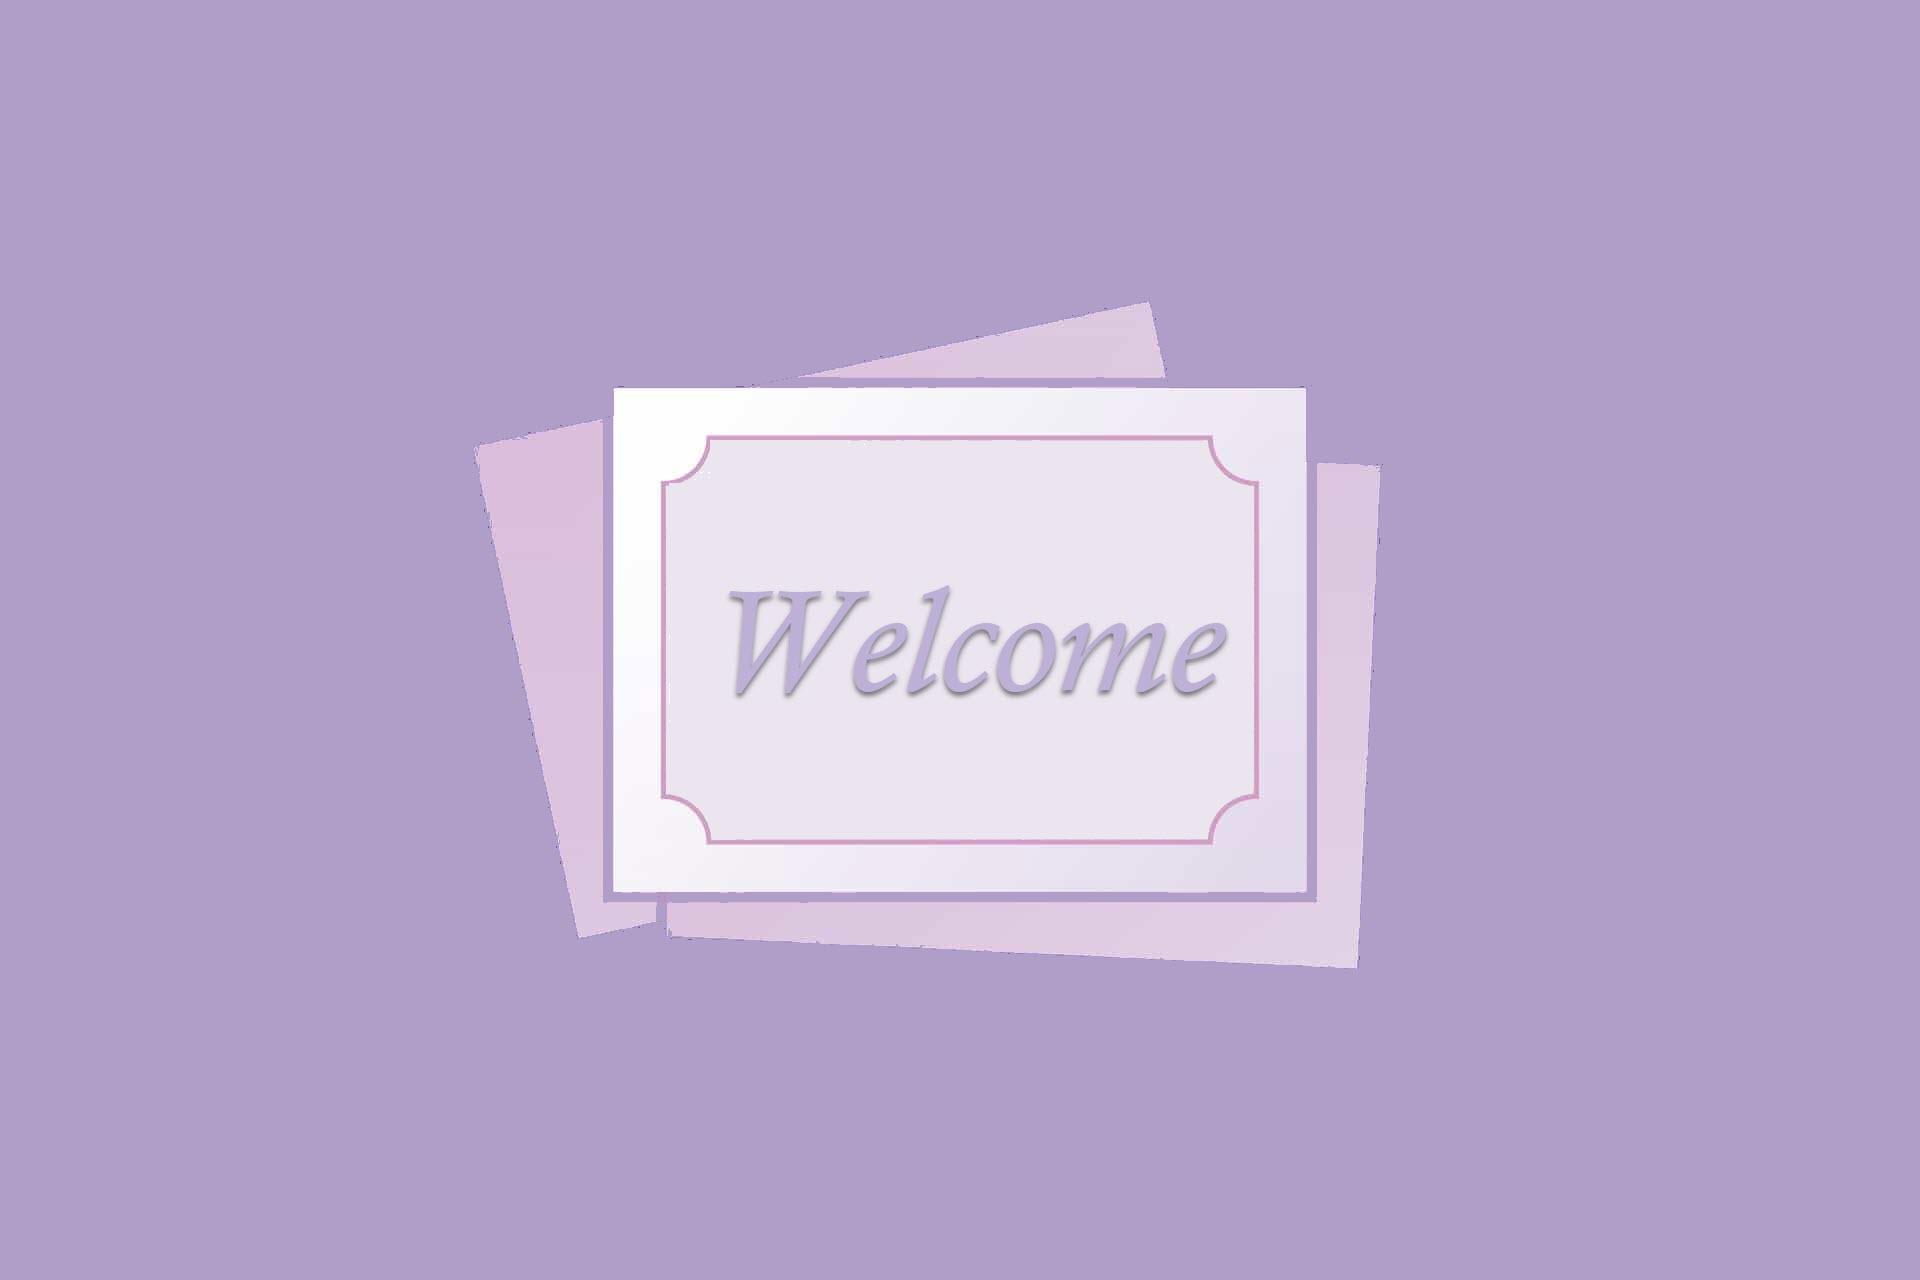 Hình nền Slide Powerpoint welcome mở đầu đẹp